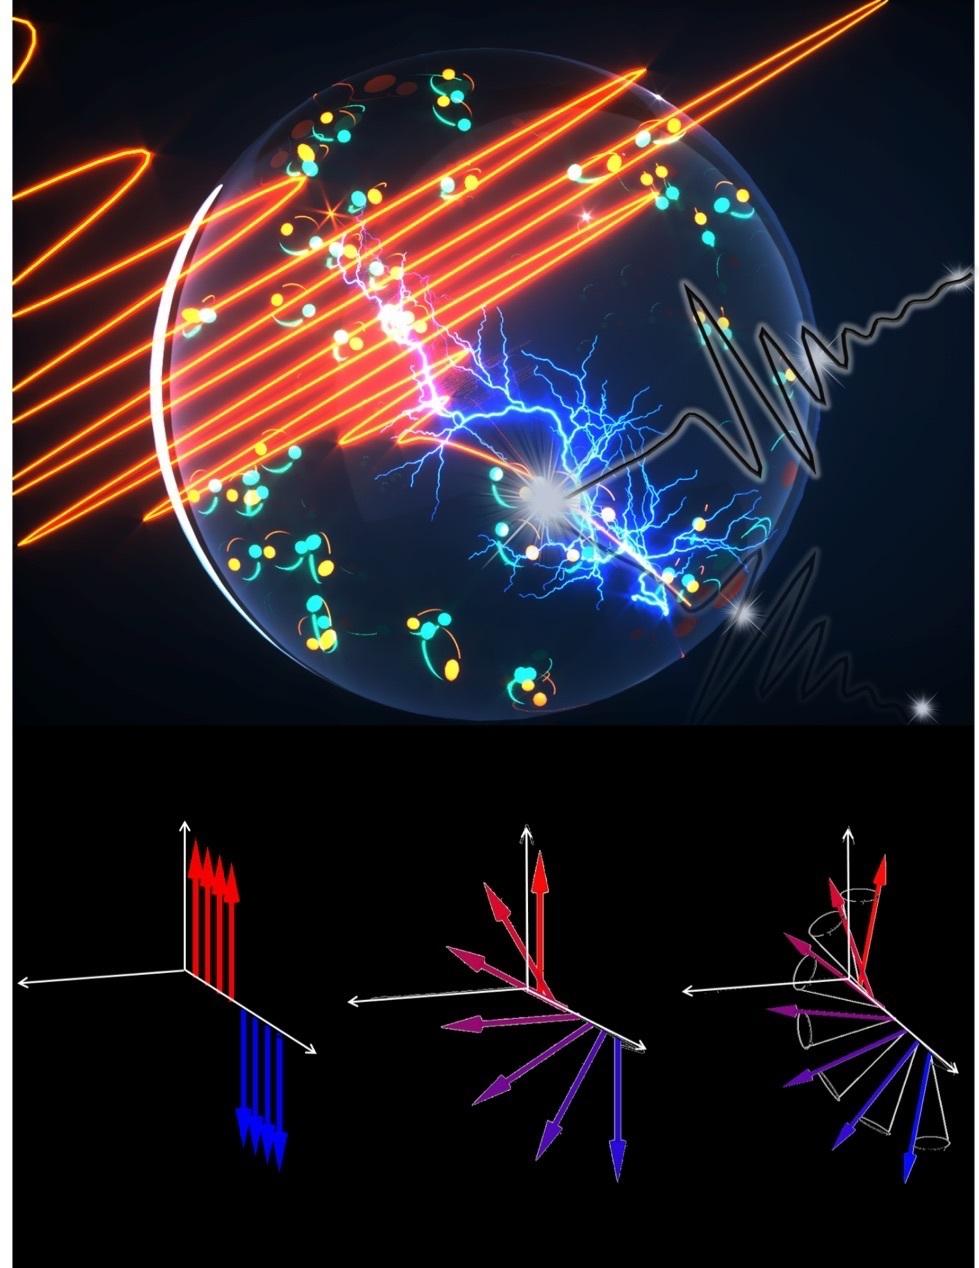 Esta ilustración muestra la aceleración de las ondas de luz de las supercorrientes, que descubre una nueva clase de fenómenos cuánticos. Imagen cortesía de Jigang Wang.